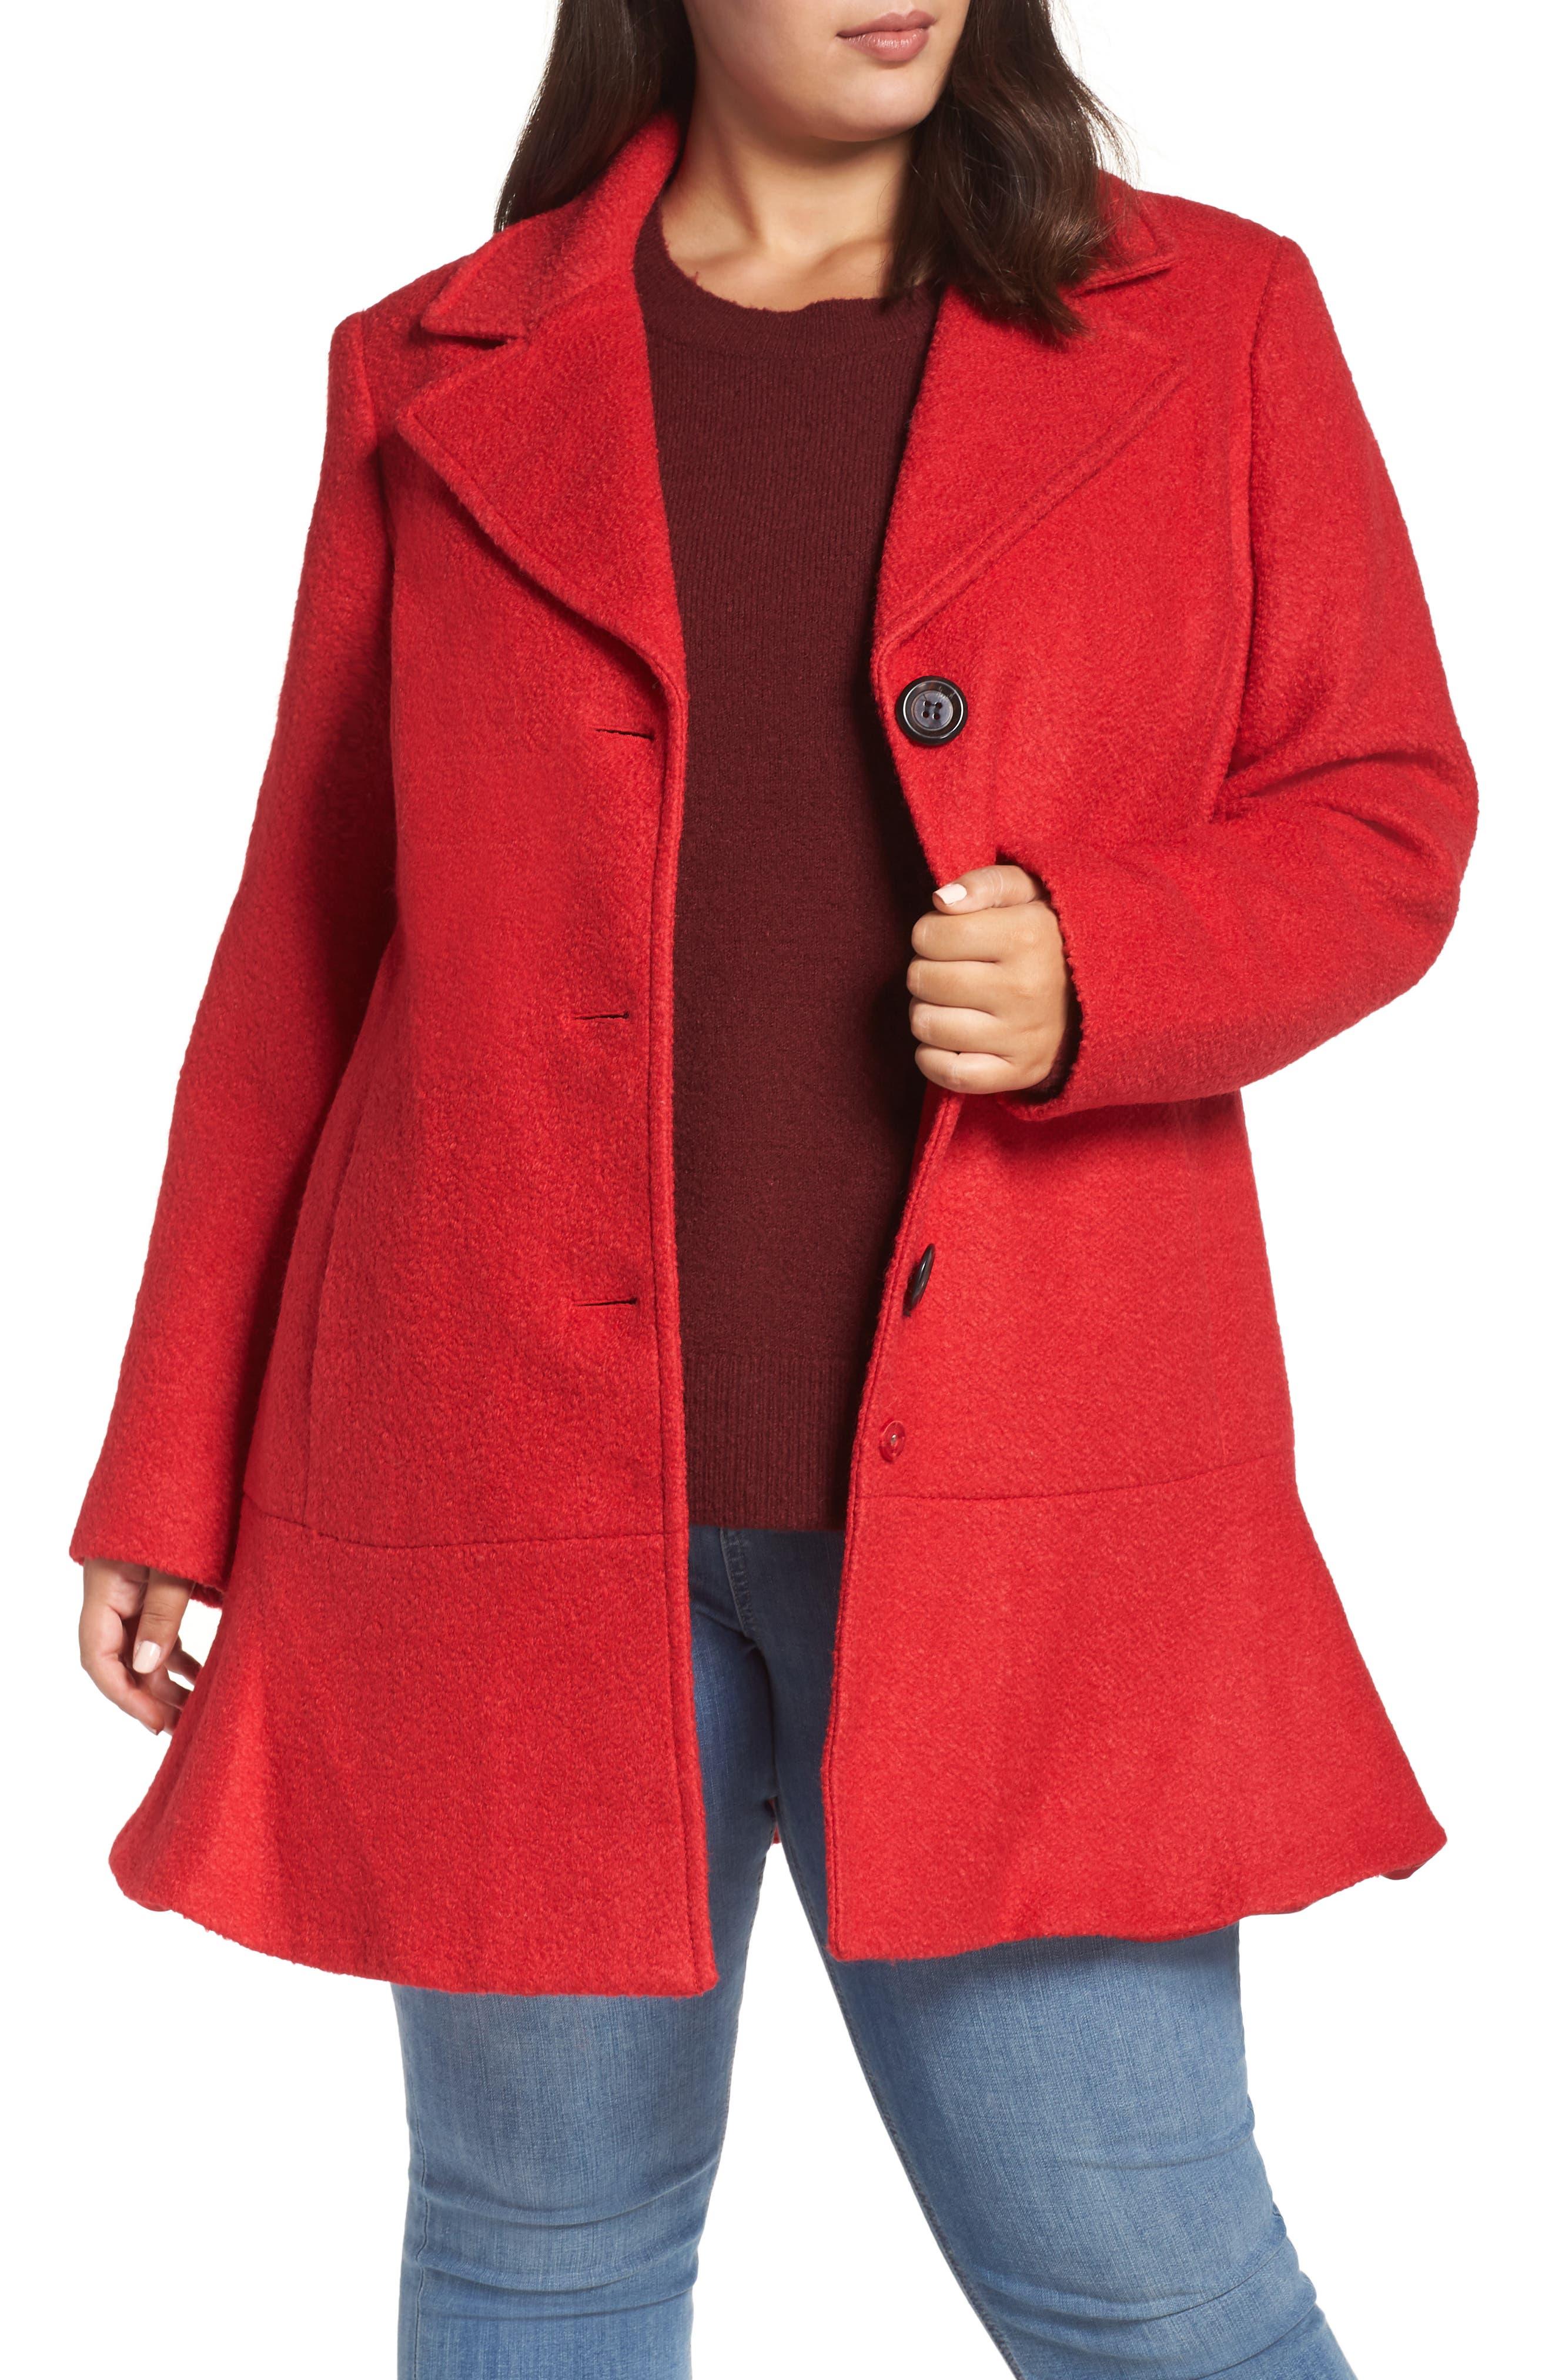 fc5409820ea Kensie Plus-Size Work Clothing